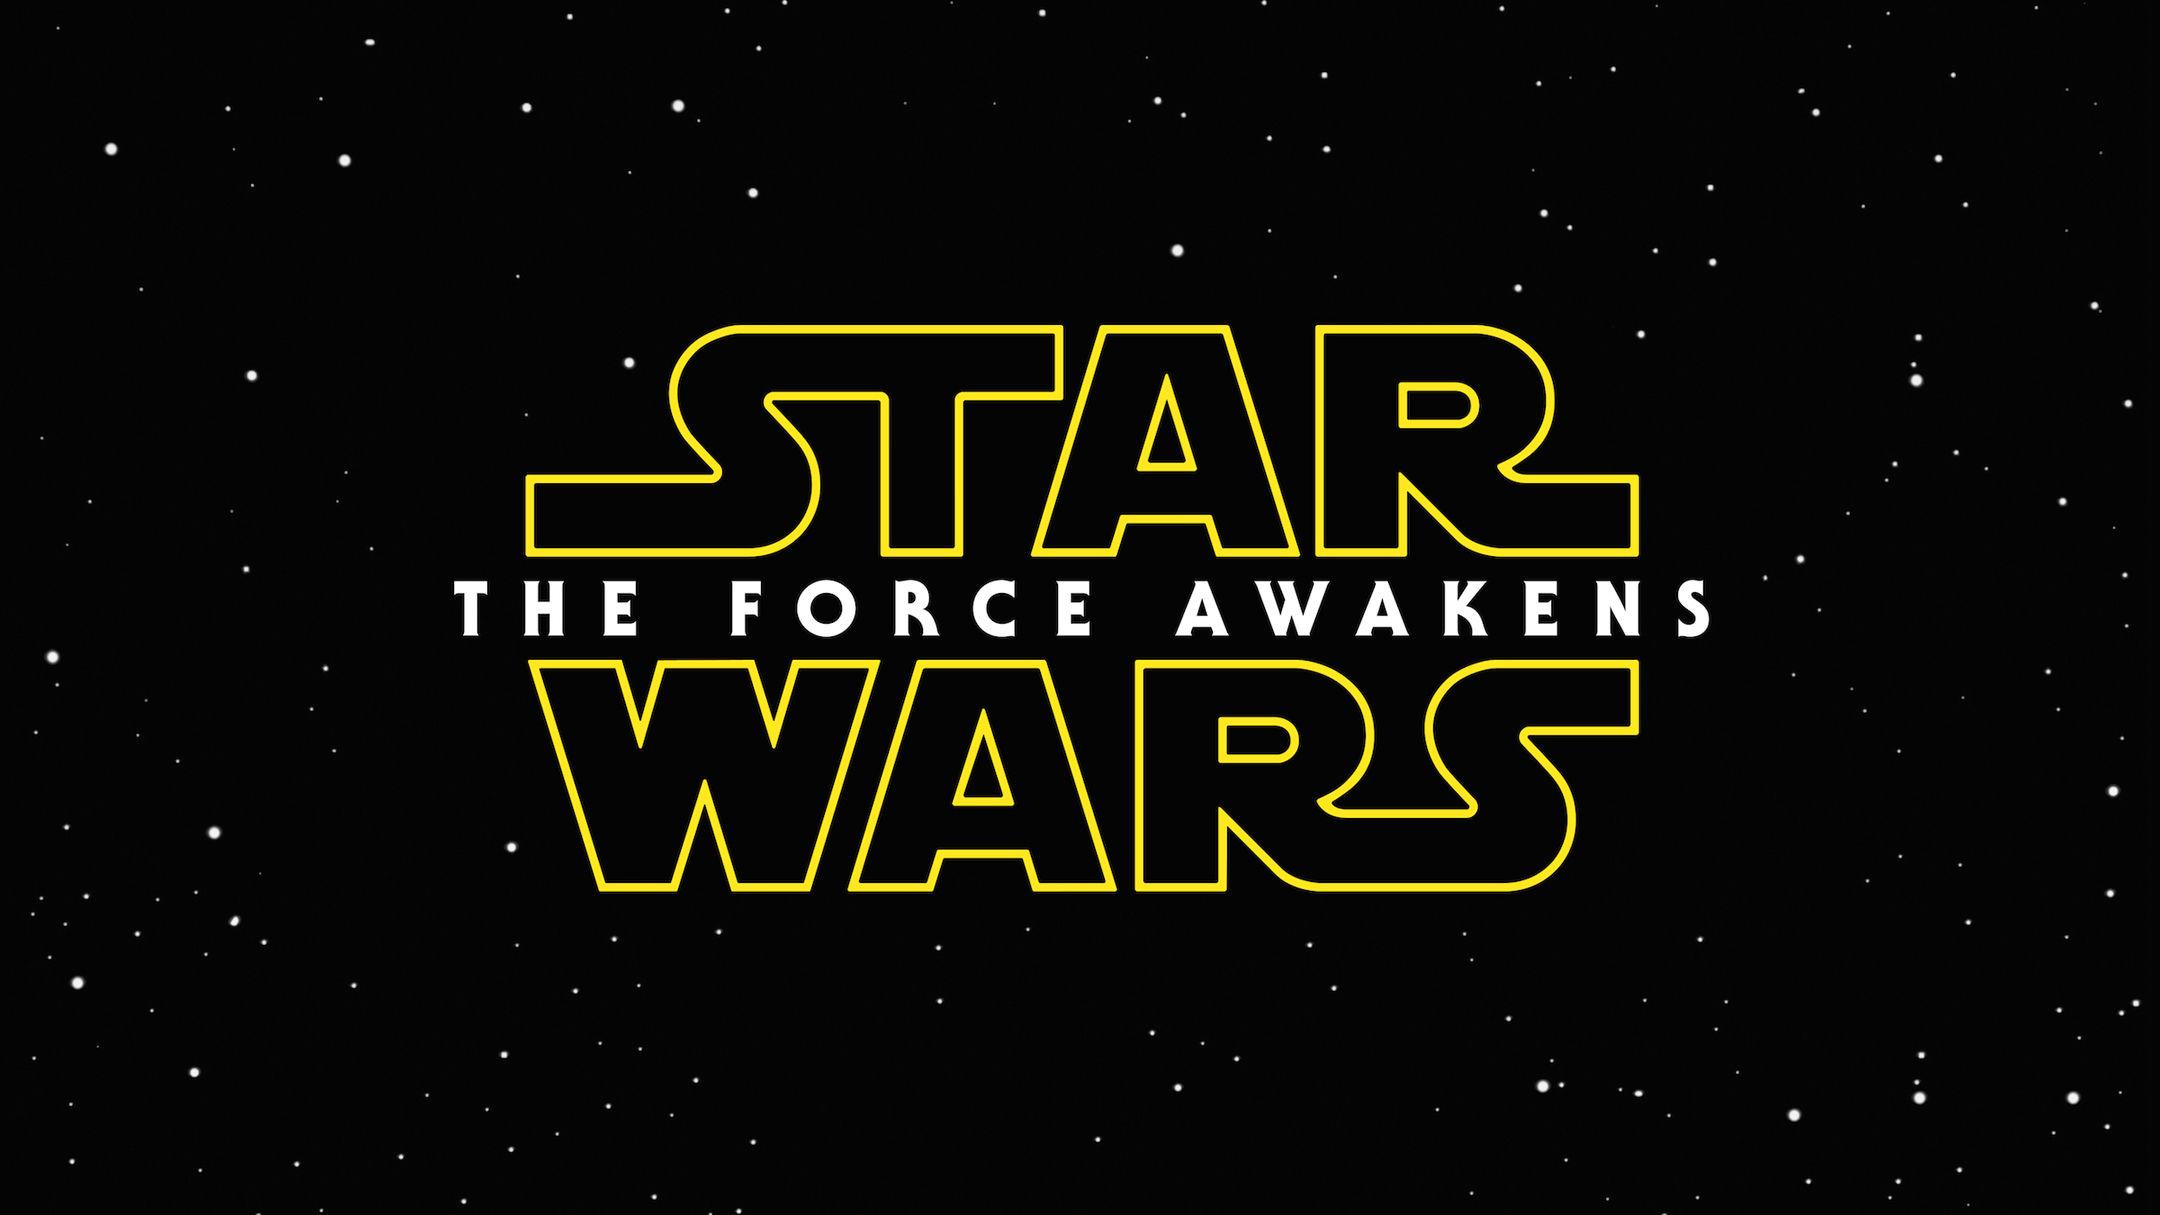 Las películas más esperadas para el 2015